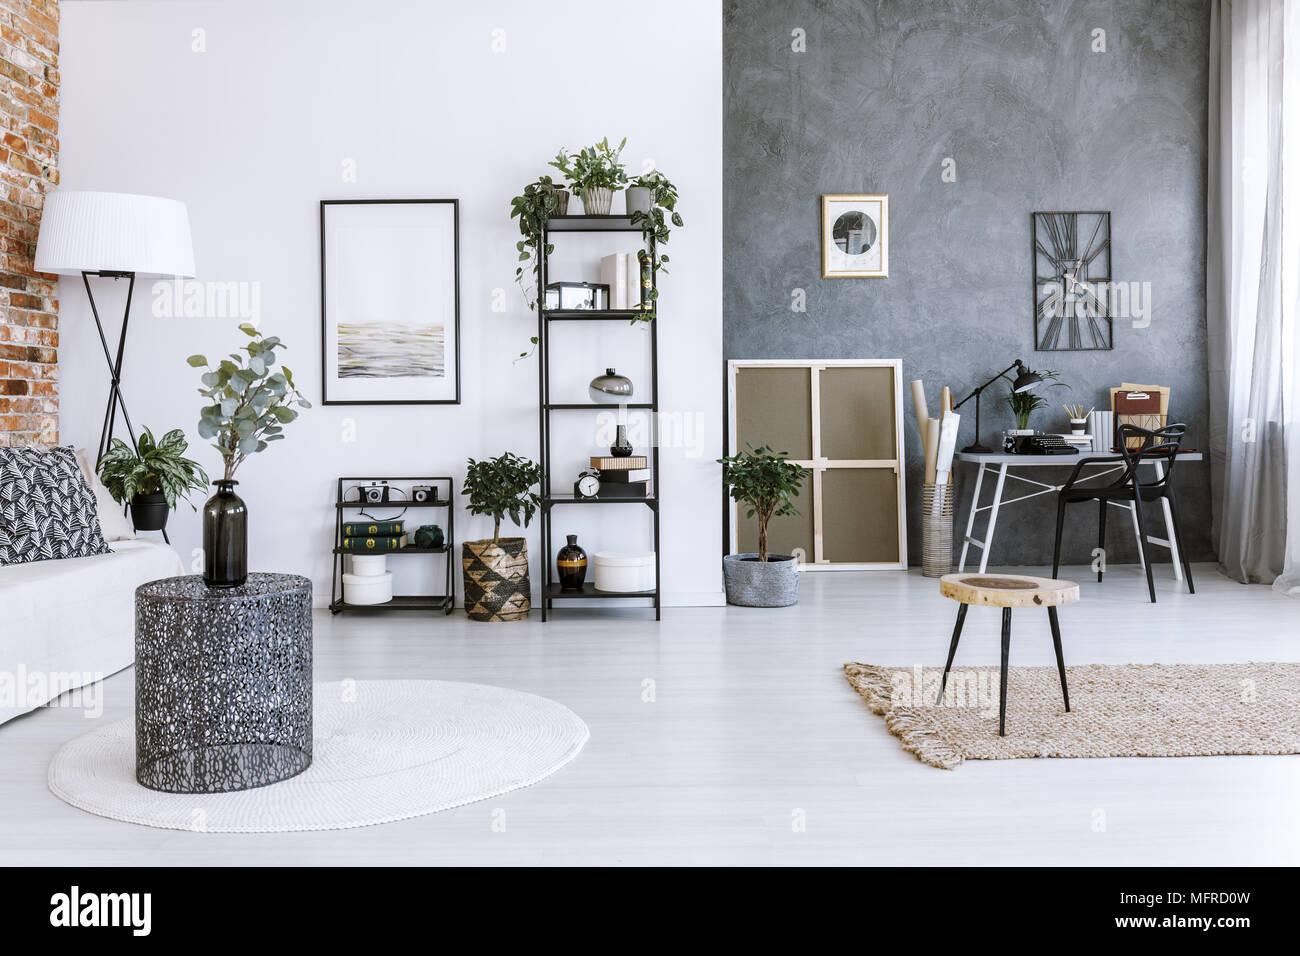 Bureau d'accueil gris avec des plantes, une table basse en métal et en matières premières, mur de béton Photo Stock